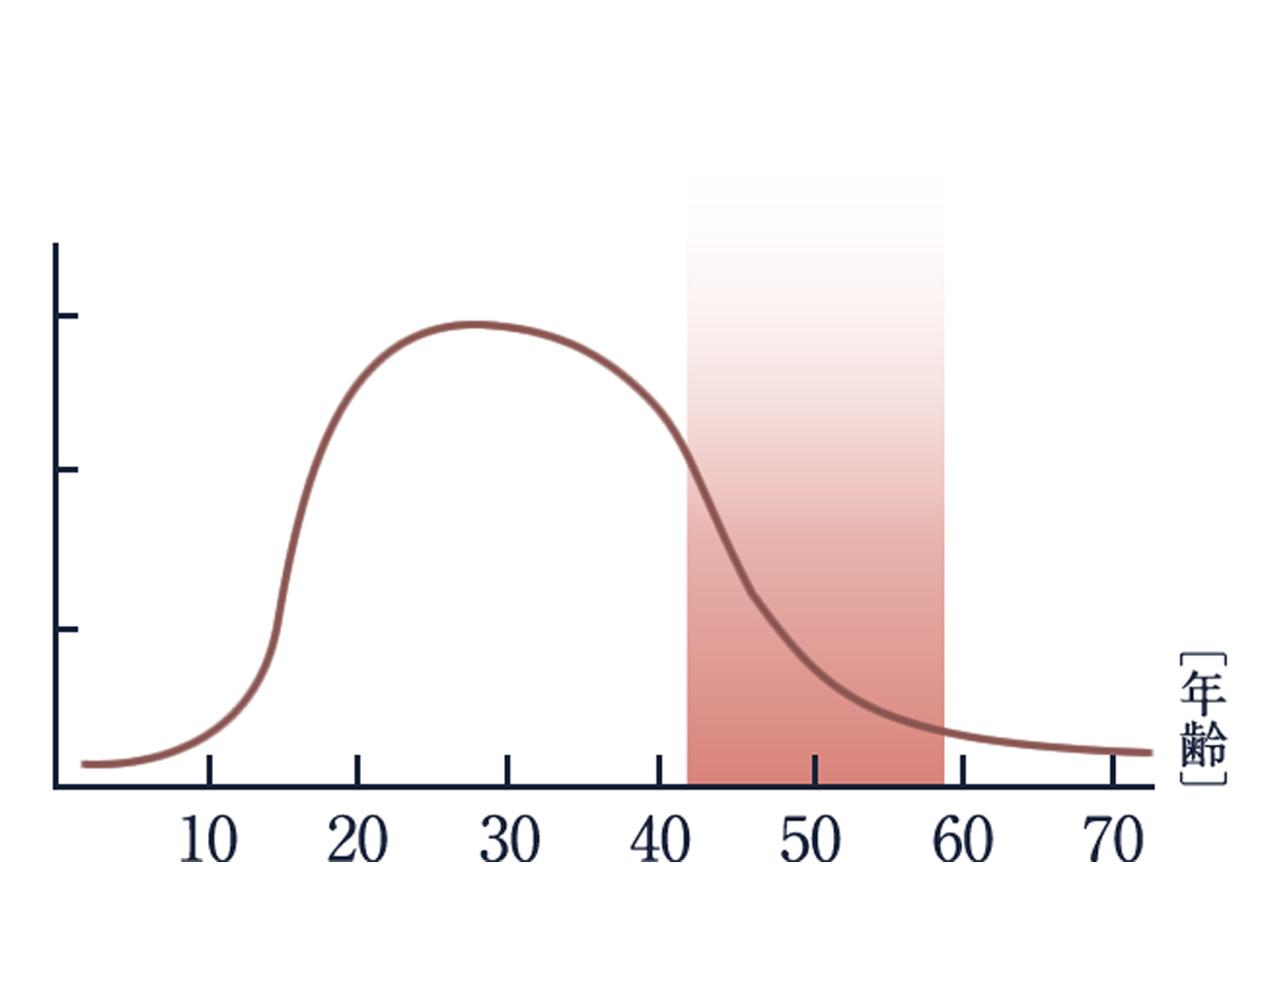 女性ホルモンは、20代をピークに40代で急激に減少